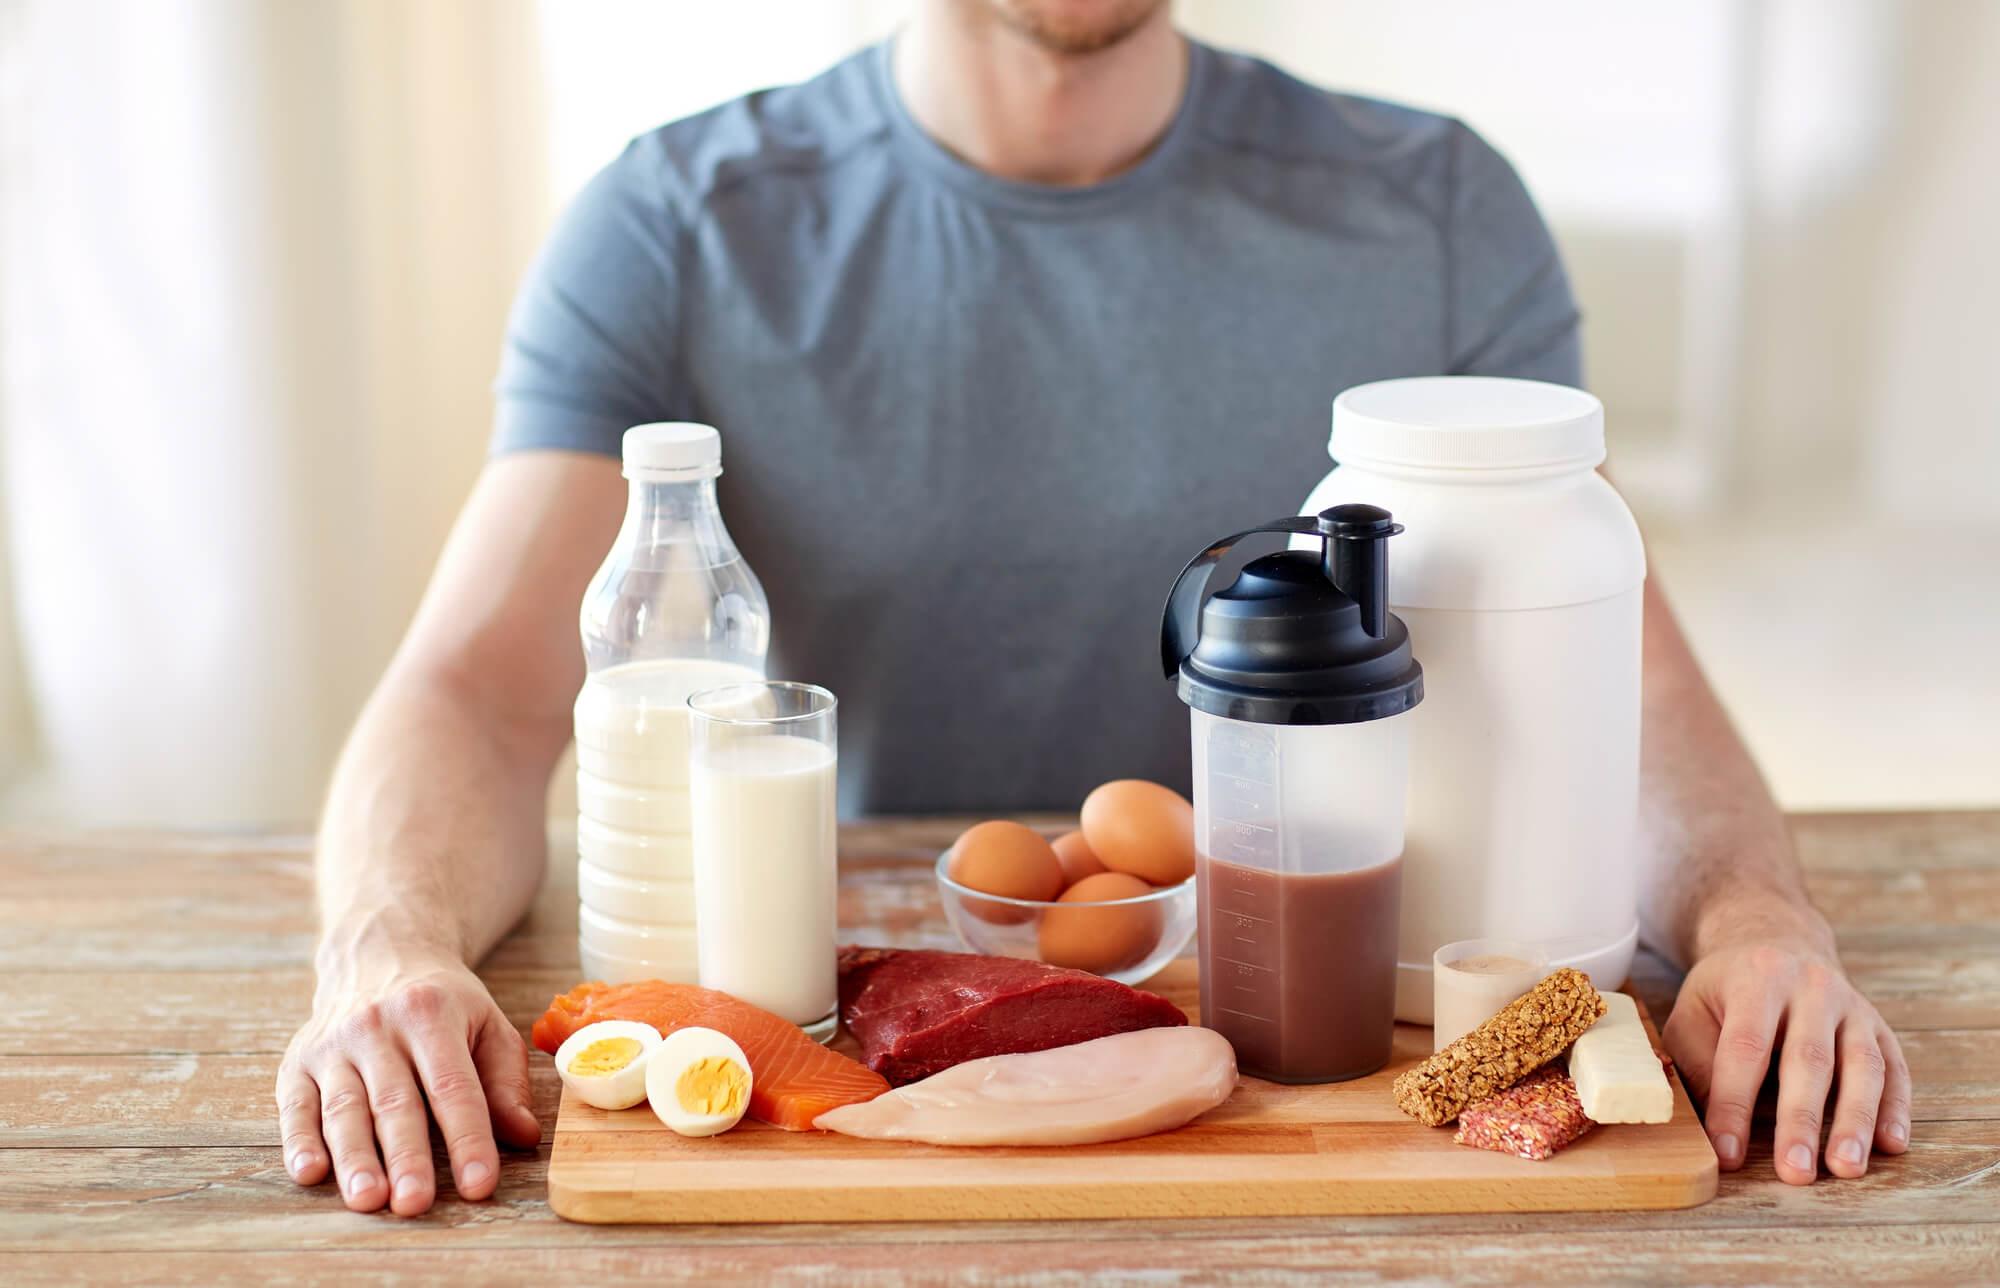 ガリガリ体質卒業!健康的に太るためにおすすめのプロテイン3選